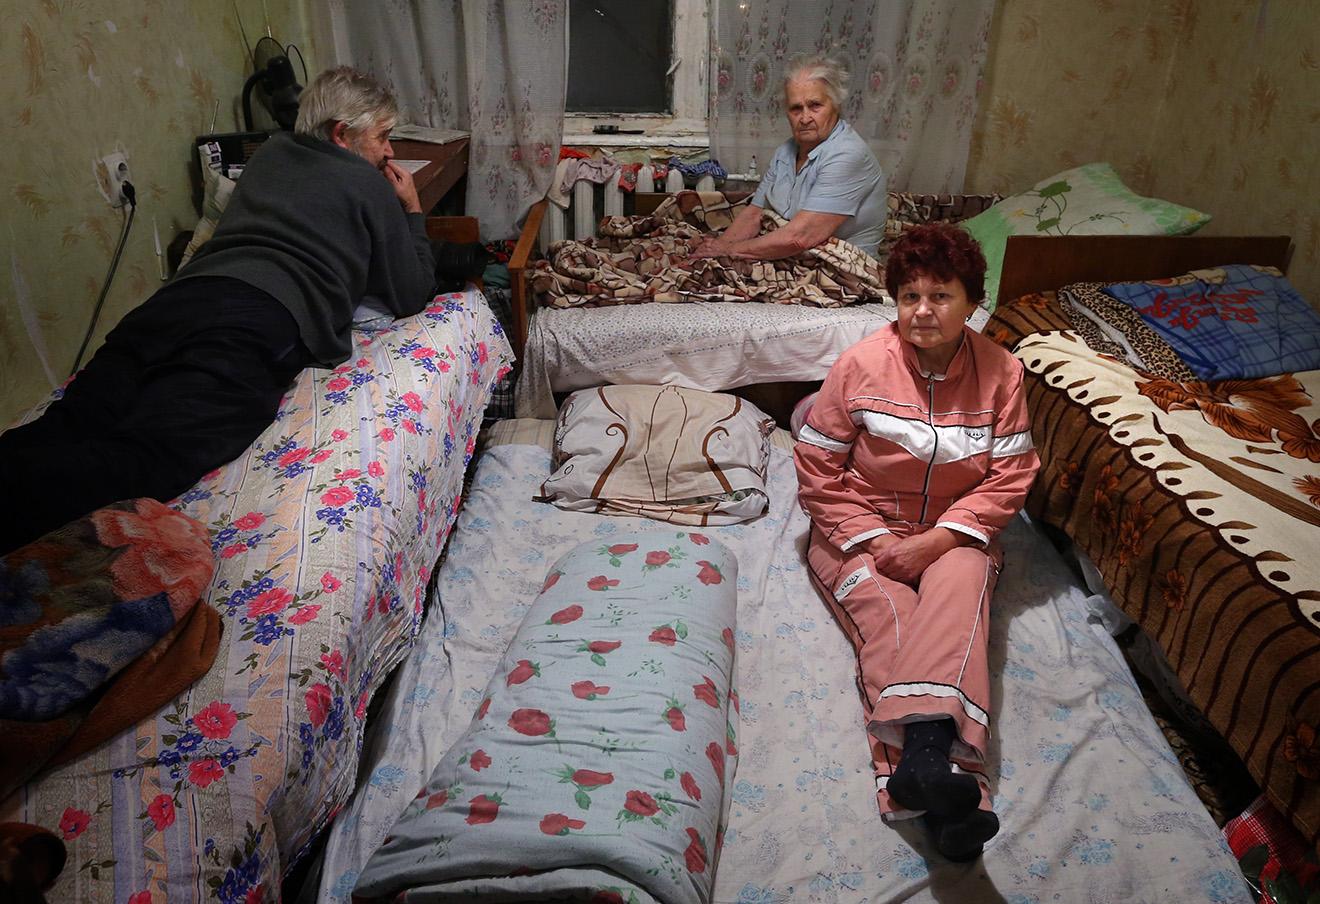 Беженцы из Донецкой и Луганской областей. Фото: Валерий Шарифулин / ТАСС